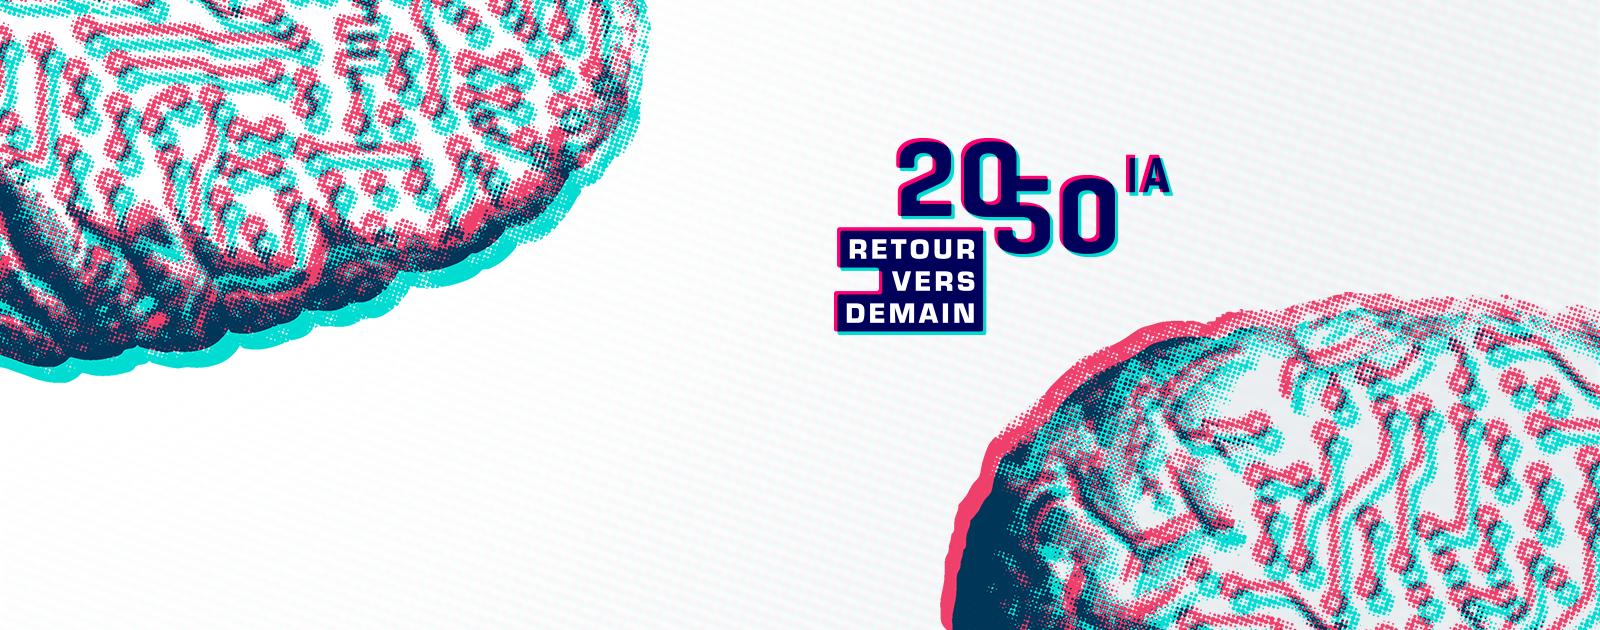 2050 IA : retour vers demain